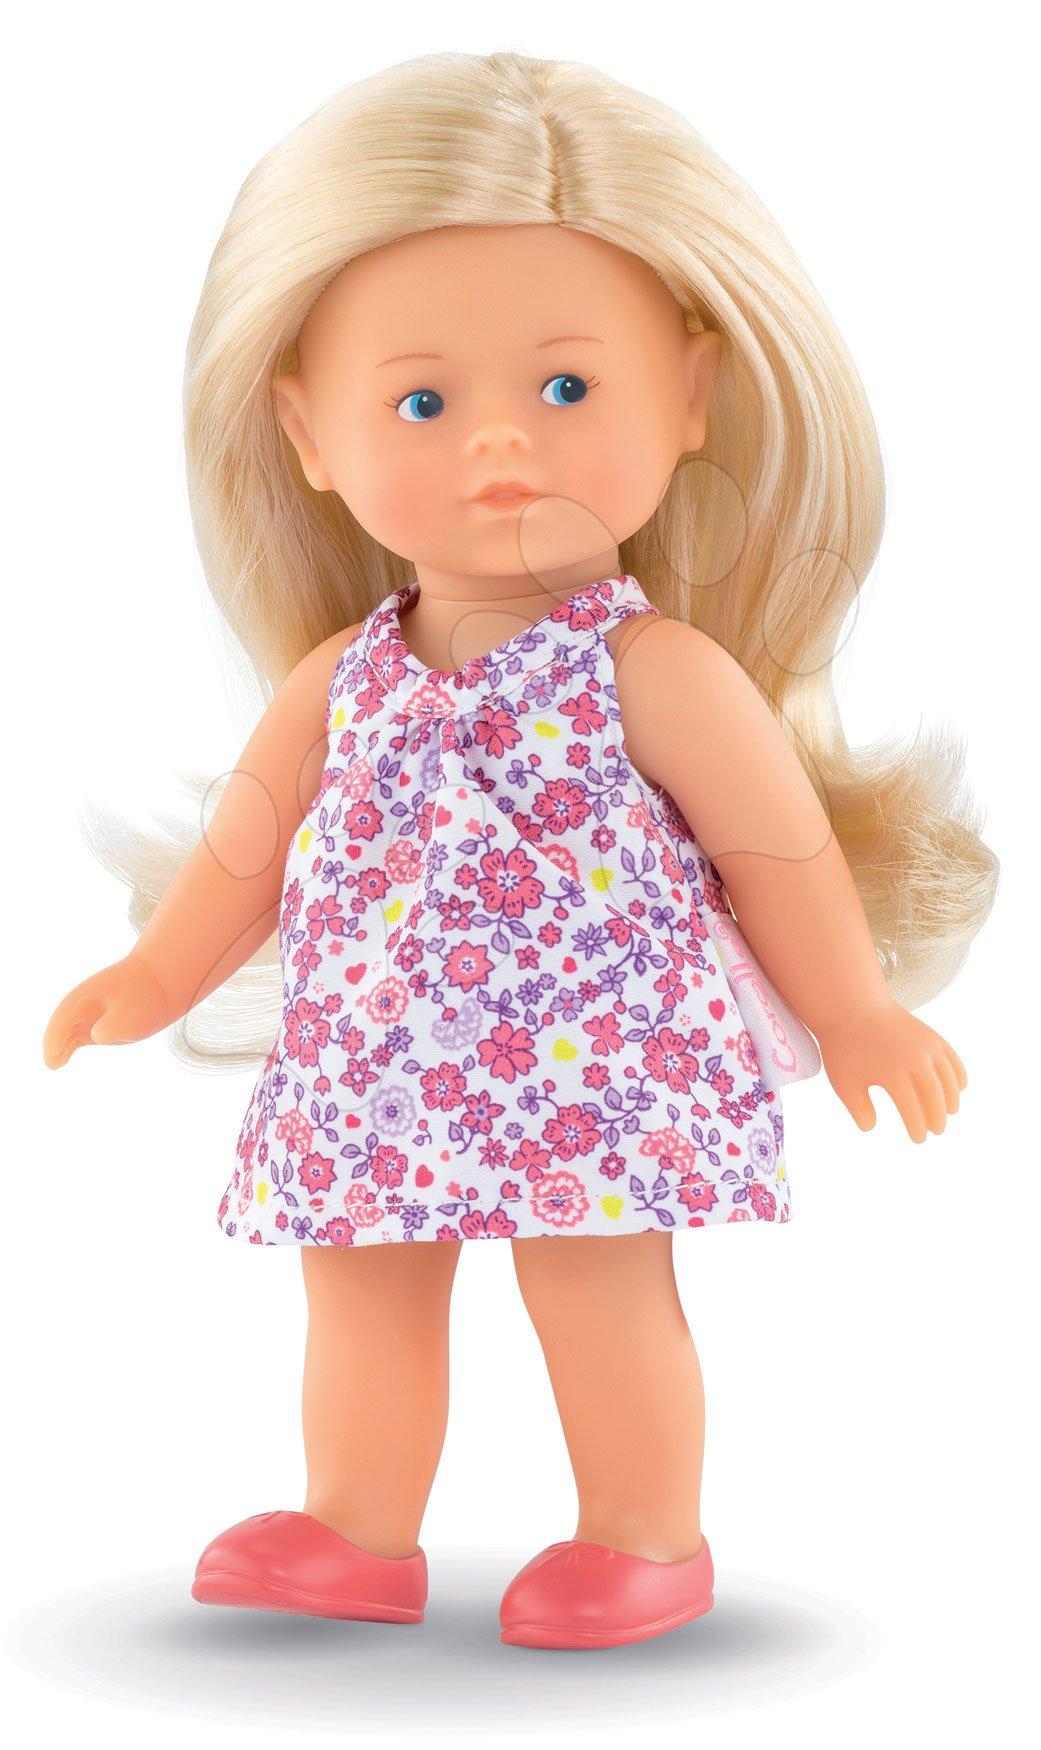 Hračky pro miminka - Panenka Mini Corolline Rosy Les Trendies Corolle s modrýma očima a růžové kytičky na šatech 20 cm od 3 let